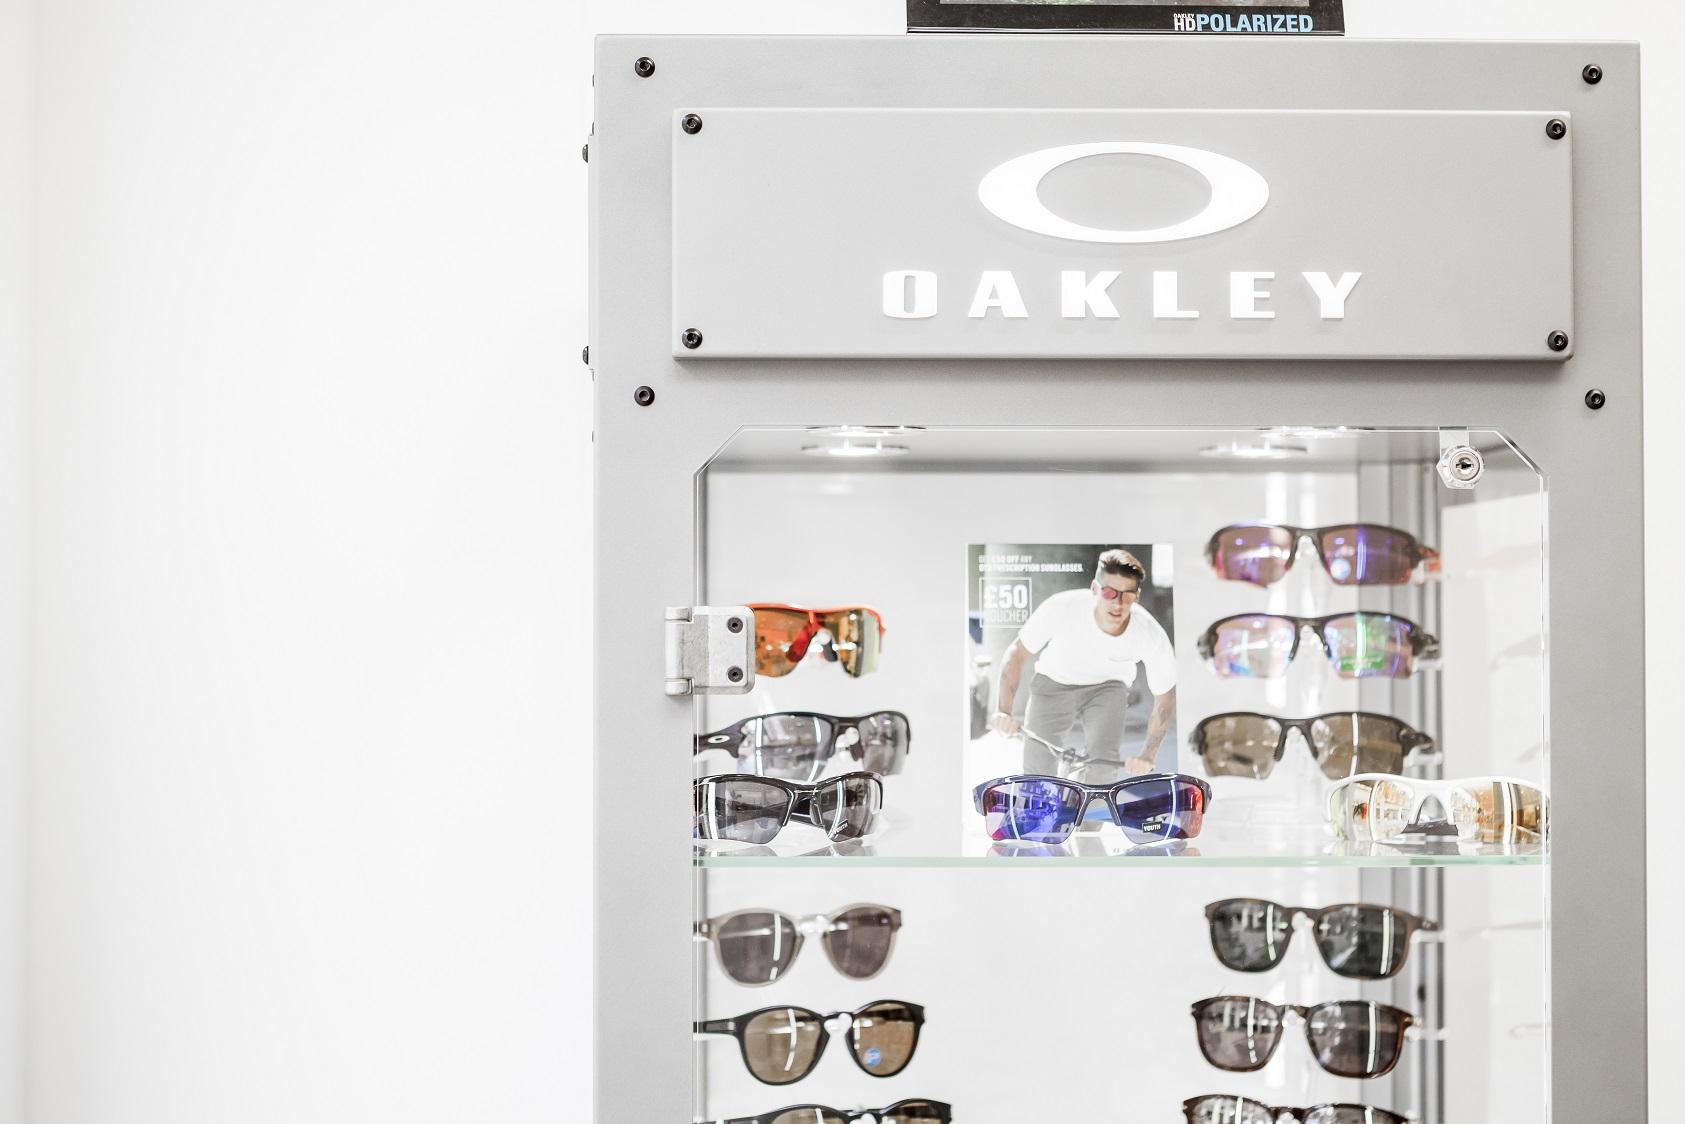 Oakley cabinet